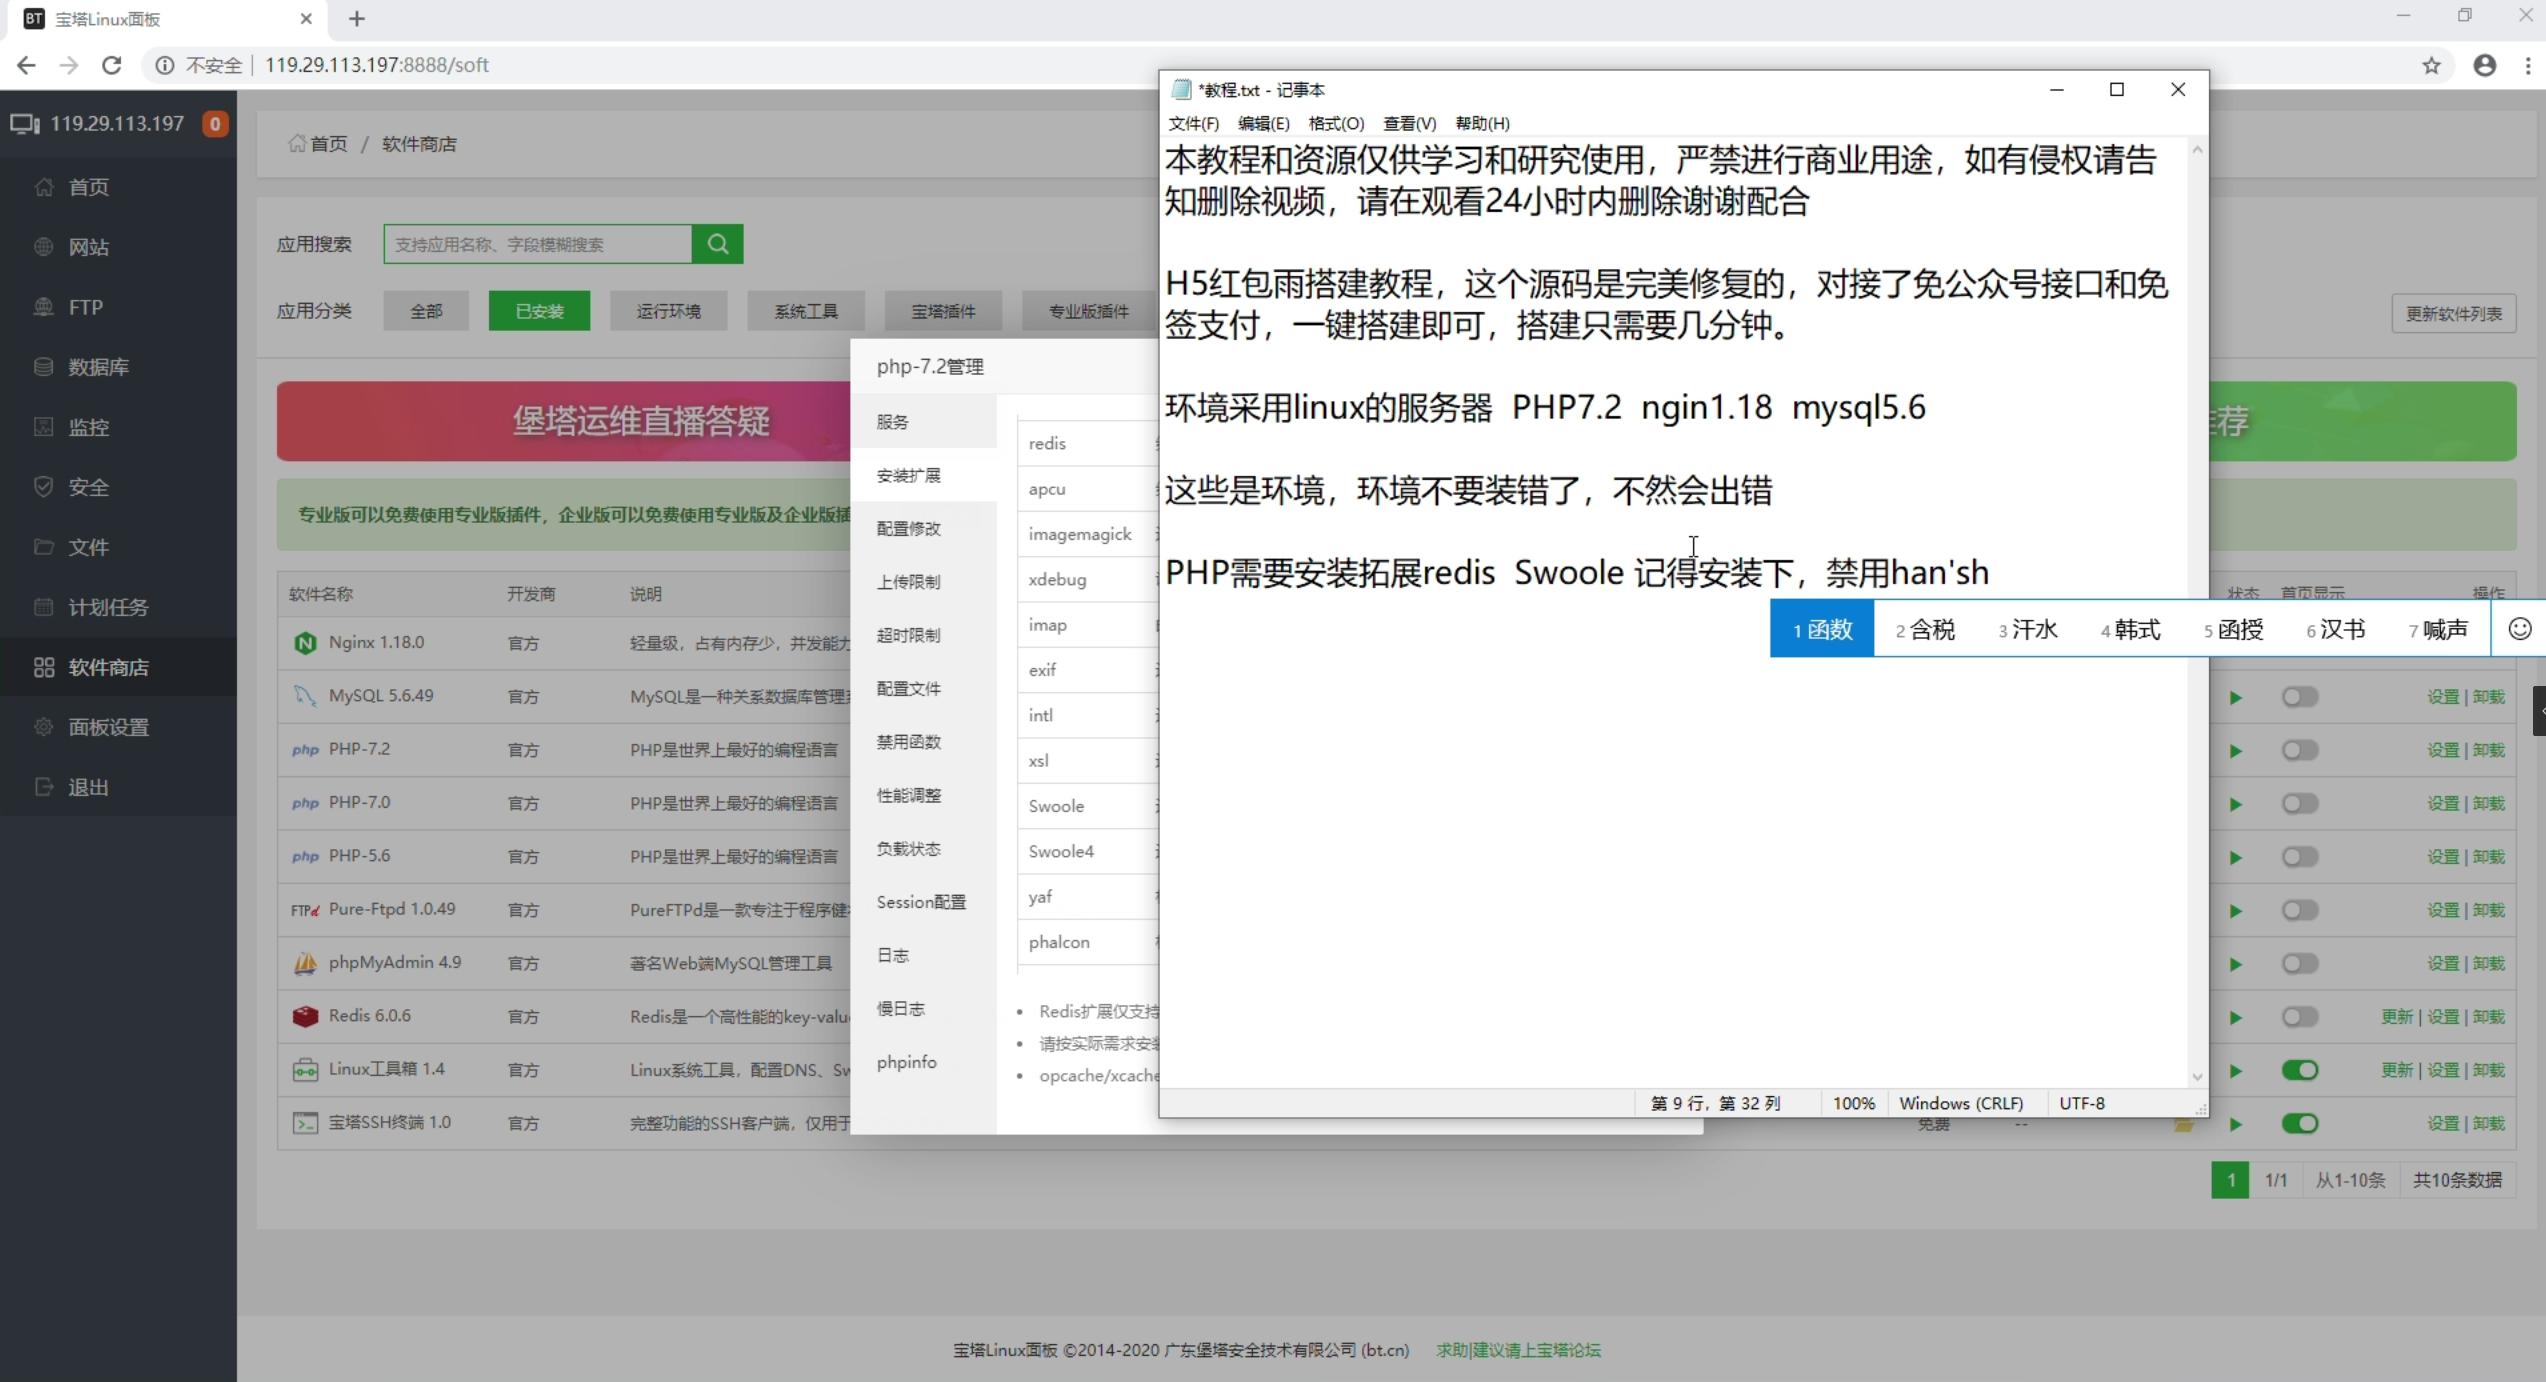 【用户投稿】H5蓝色红包雨新界面推广提现完美+配套搭建视频教程